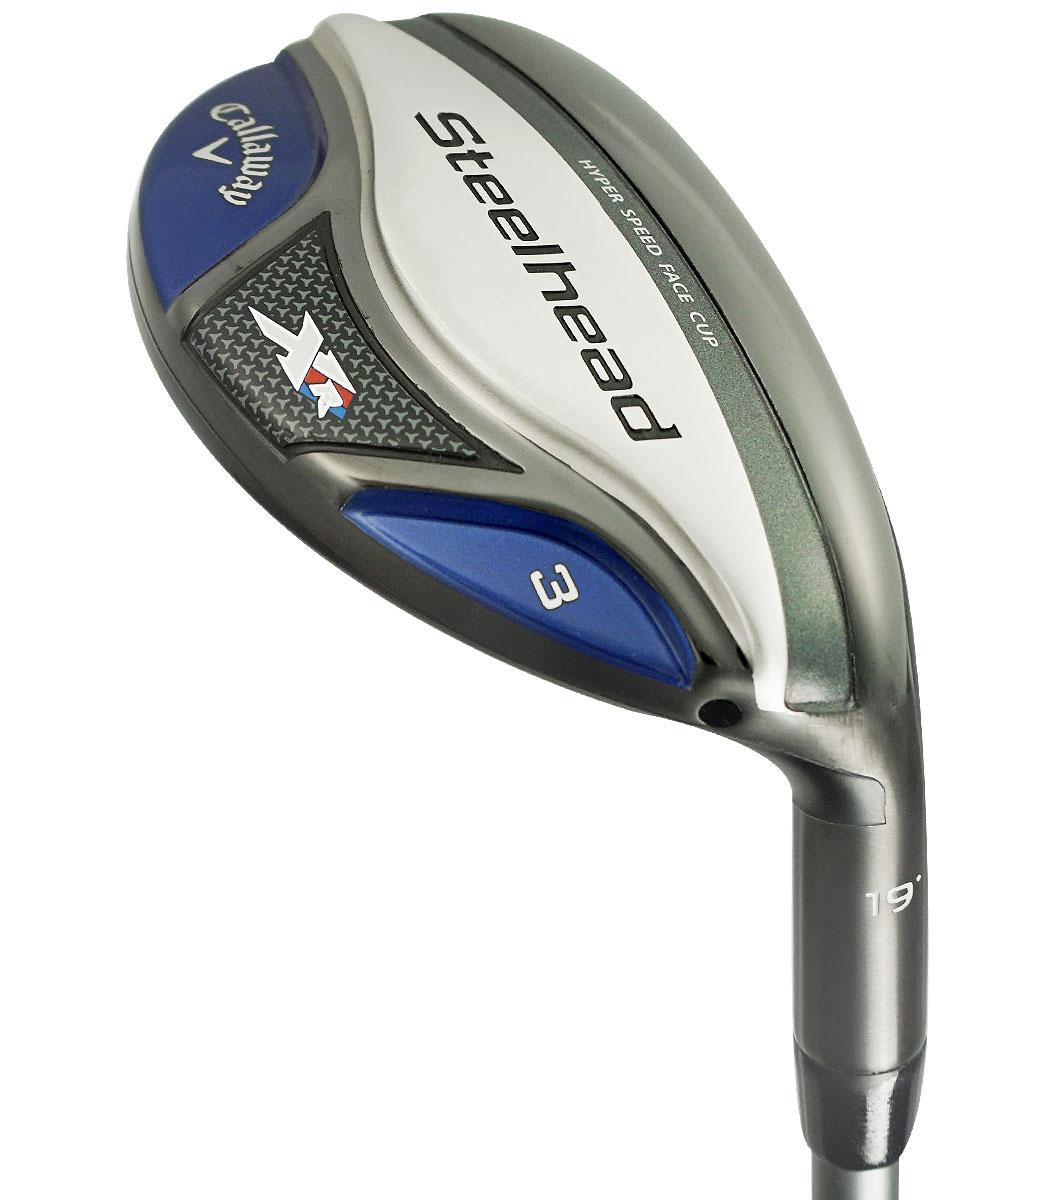 Callaway Golf LH Steelhead XR Hybrid 22* #4 Stiff Flex